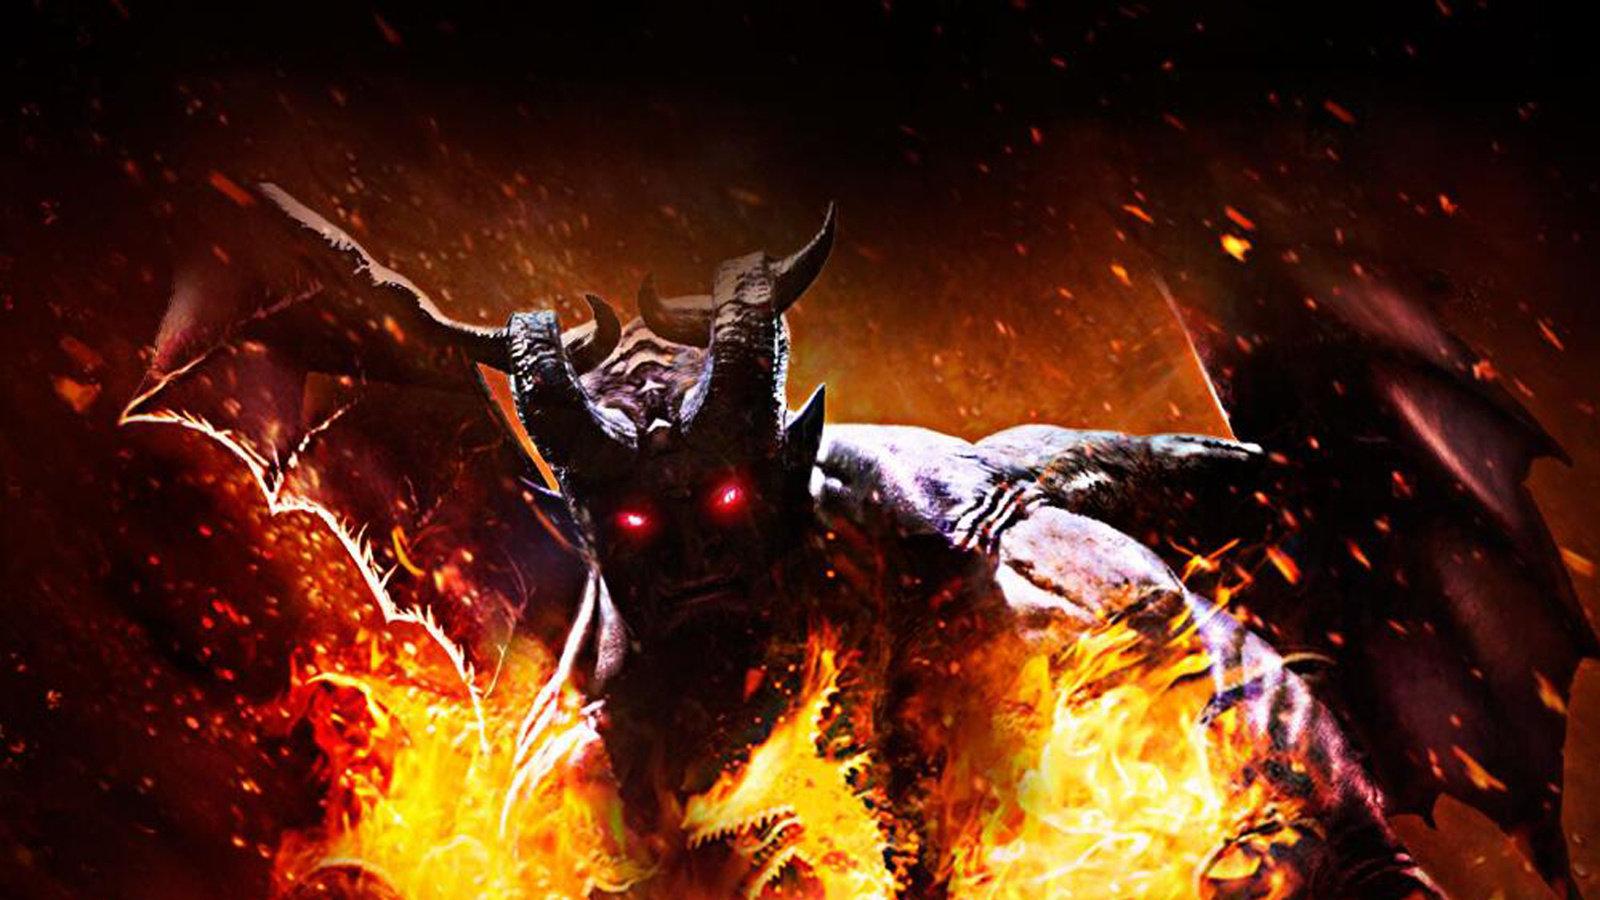 《龙之信条 黑暗觉者》登陆NS,4月23日发售